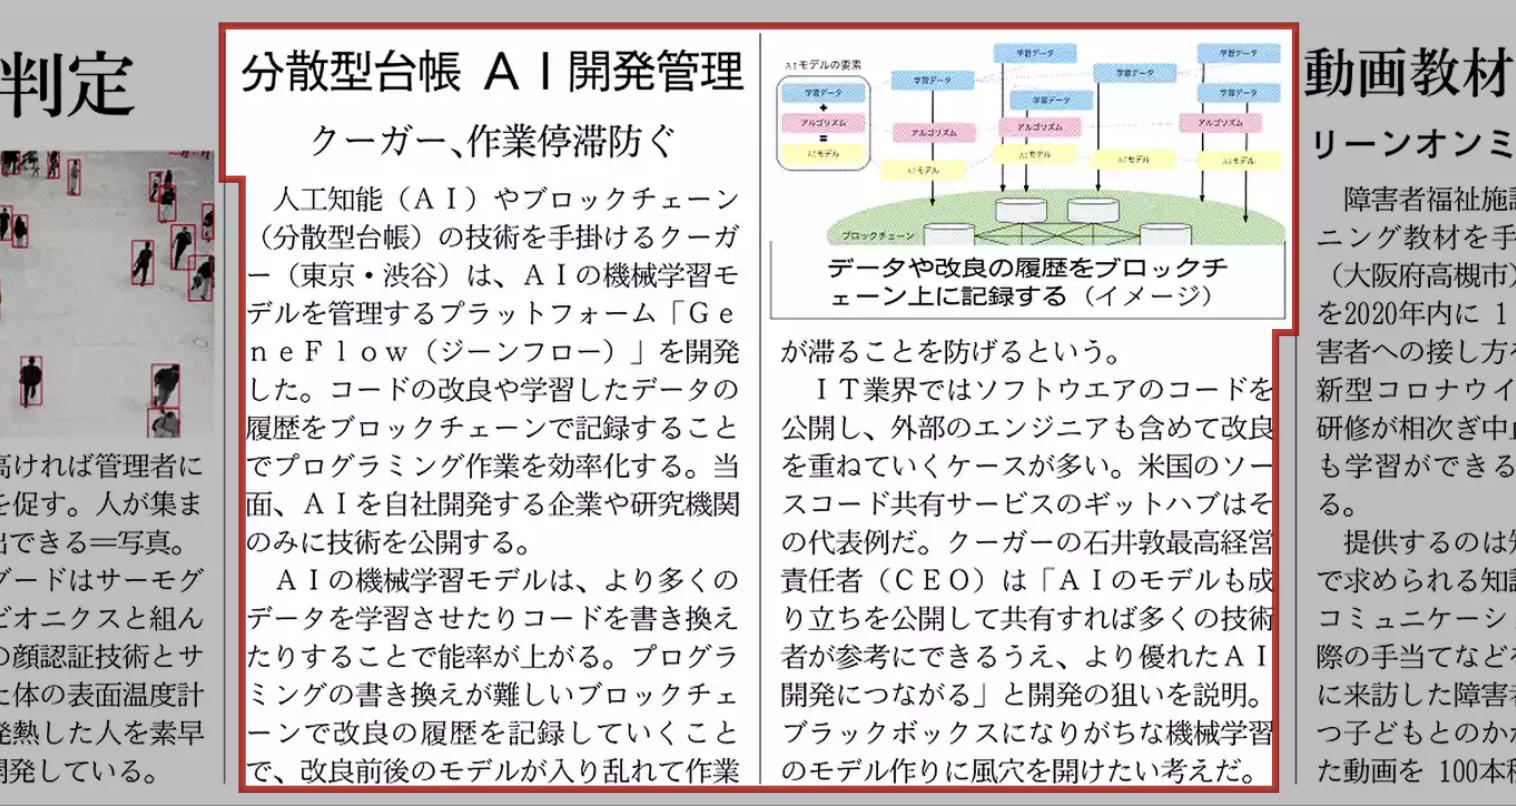 日経産業新聞/日経電子版にブロックチェーンを活用したAIモデル管理プラットフォーム「GeneFlow(ジーンフロー)」β版が掲載されました